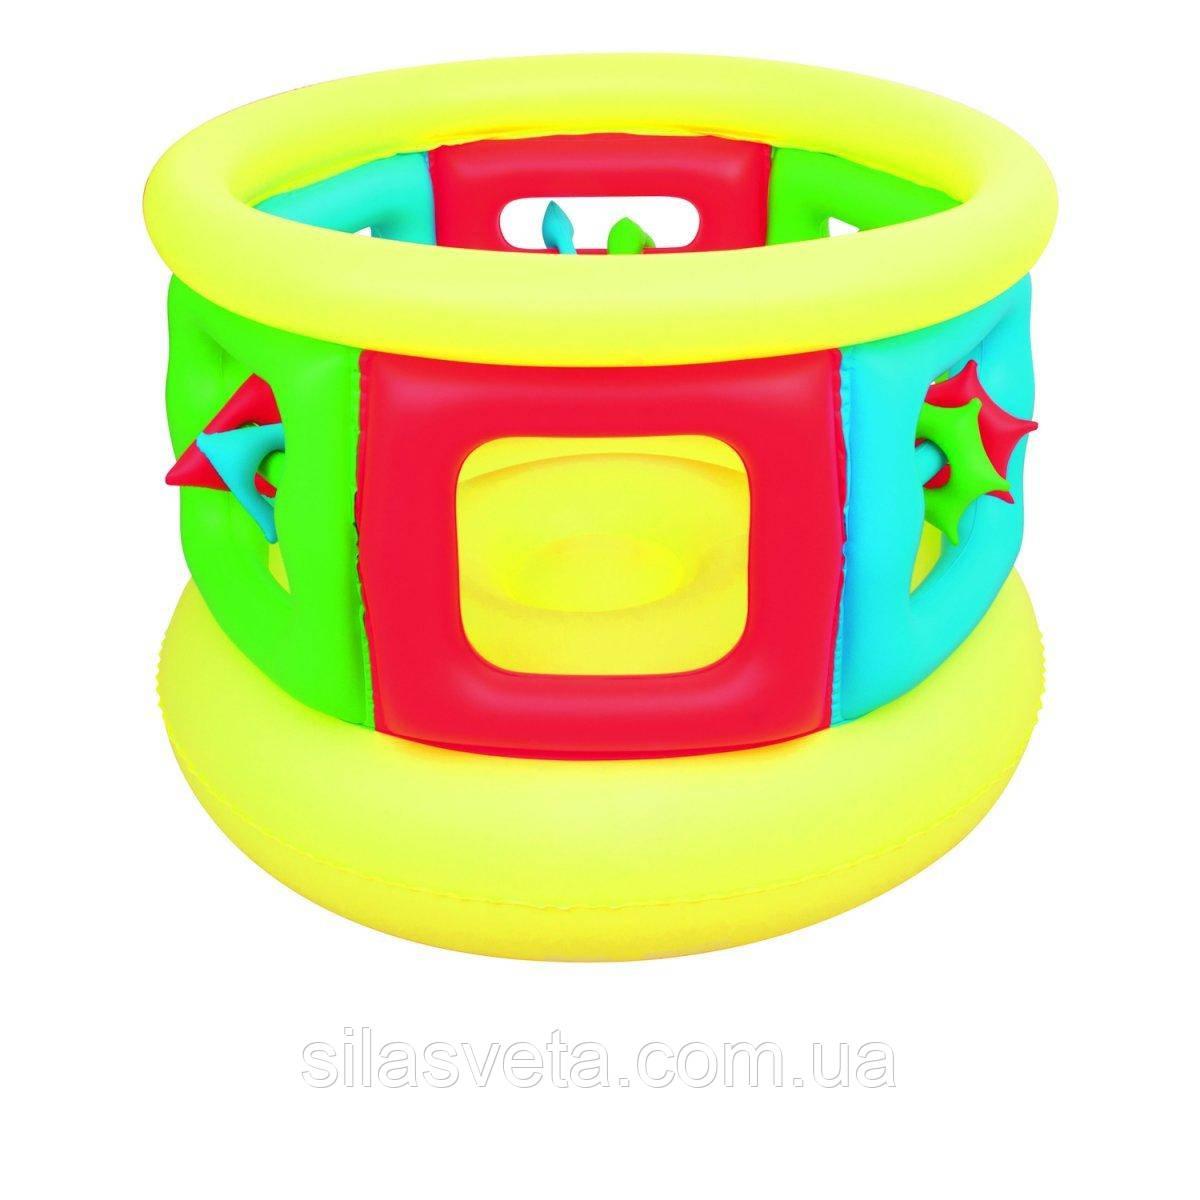 Детский надувной центр-манеж с игрушками, Bestway 52056 (152х107 см.)